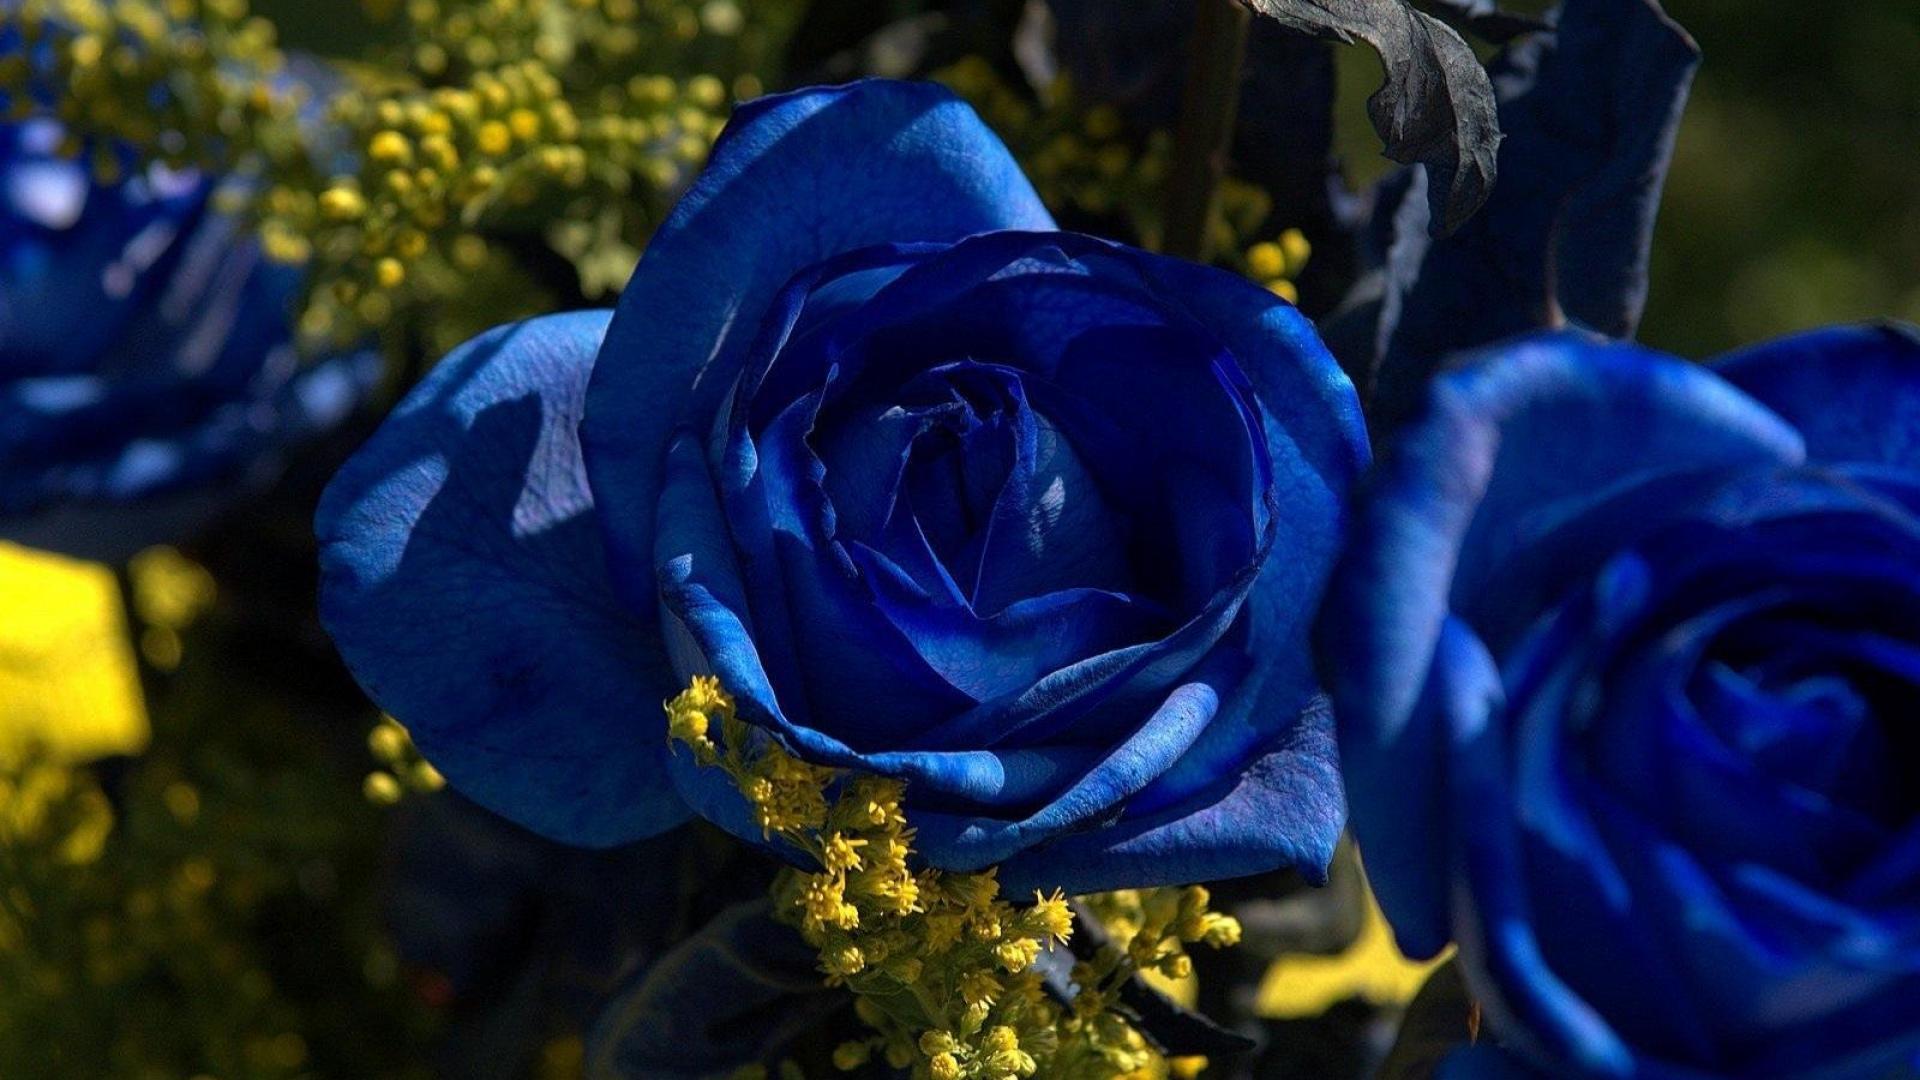 картинки цветы розы синие красивые рыбу лучше всего